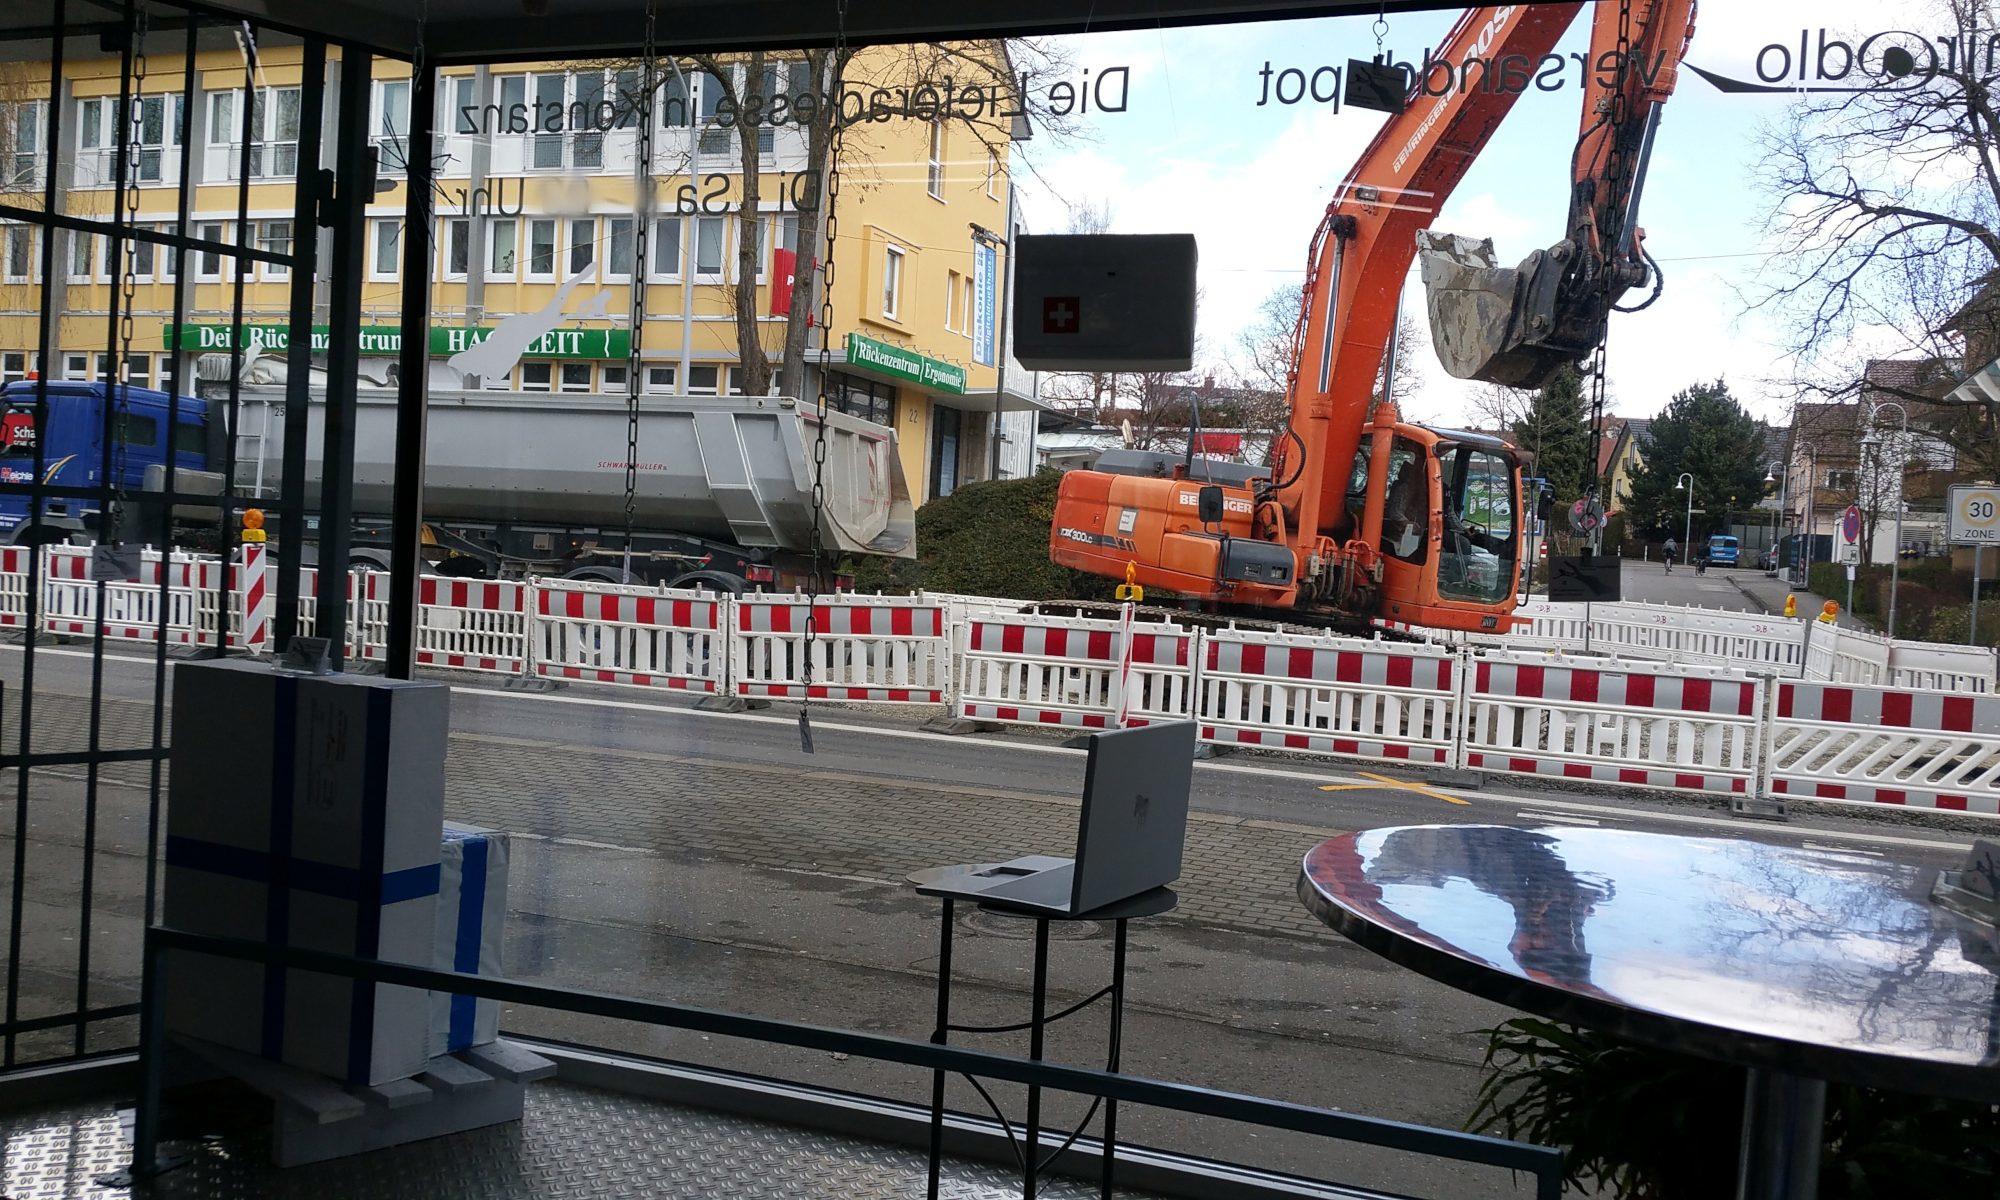 Baustelle und Beeinträchtigungen voraussichtlich bis Pfingsten vorm miradlo Versanddepot Konstanz